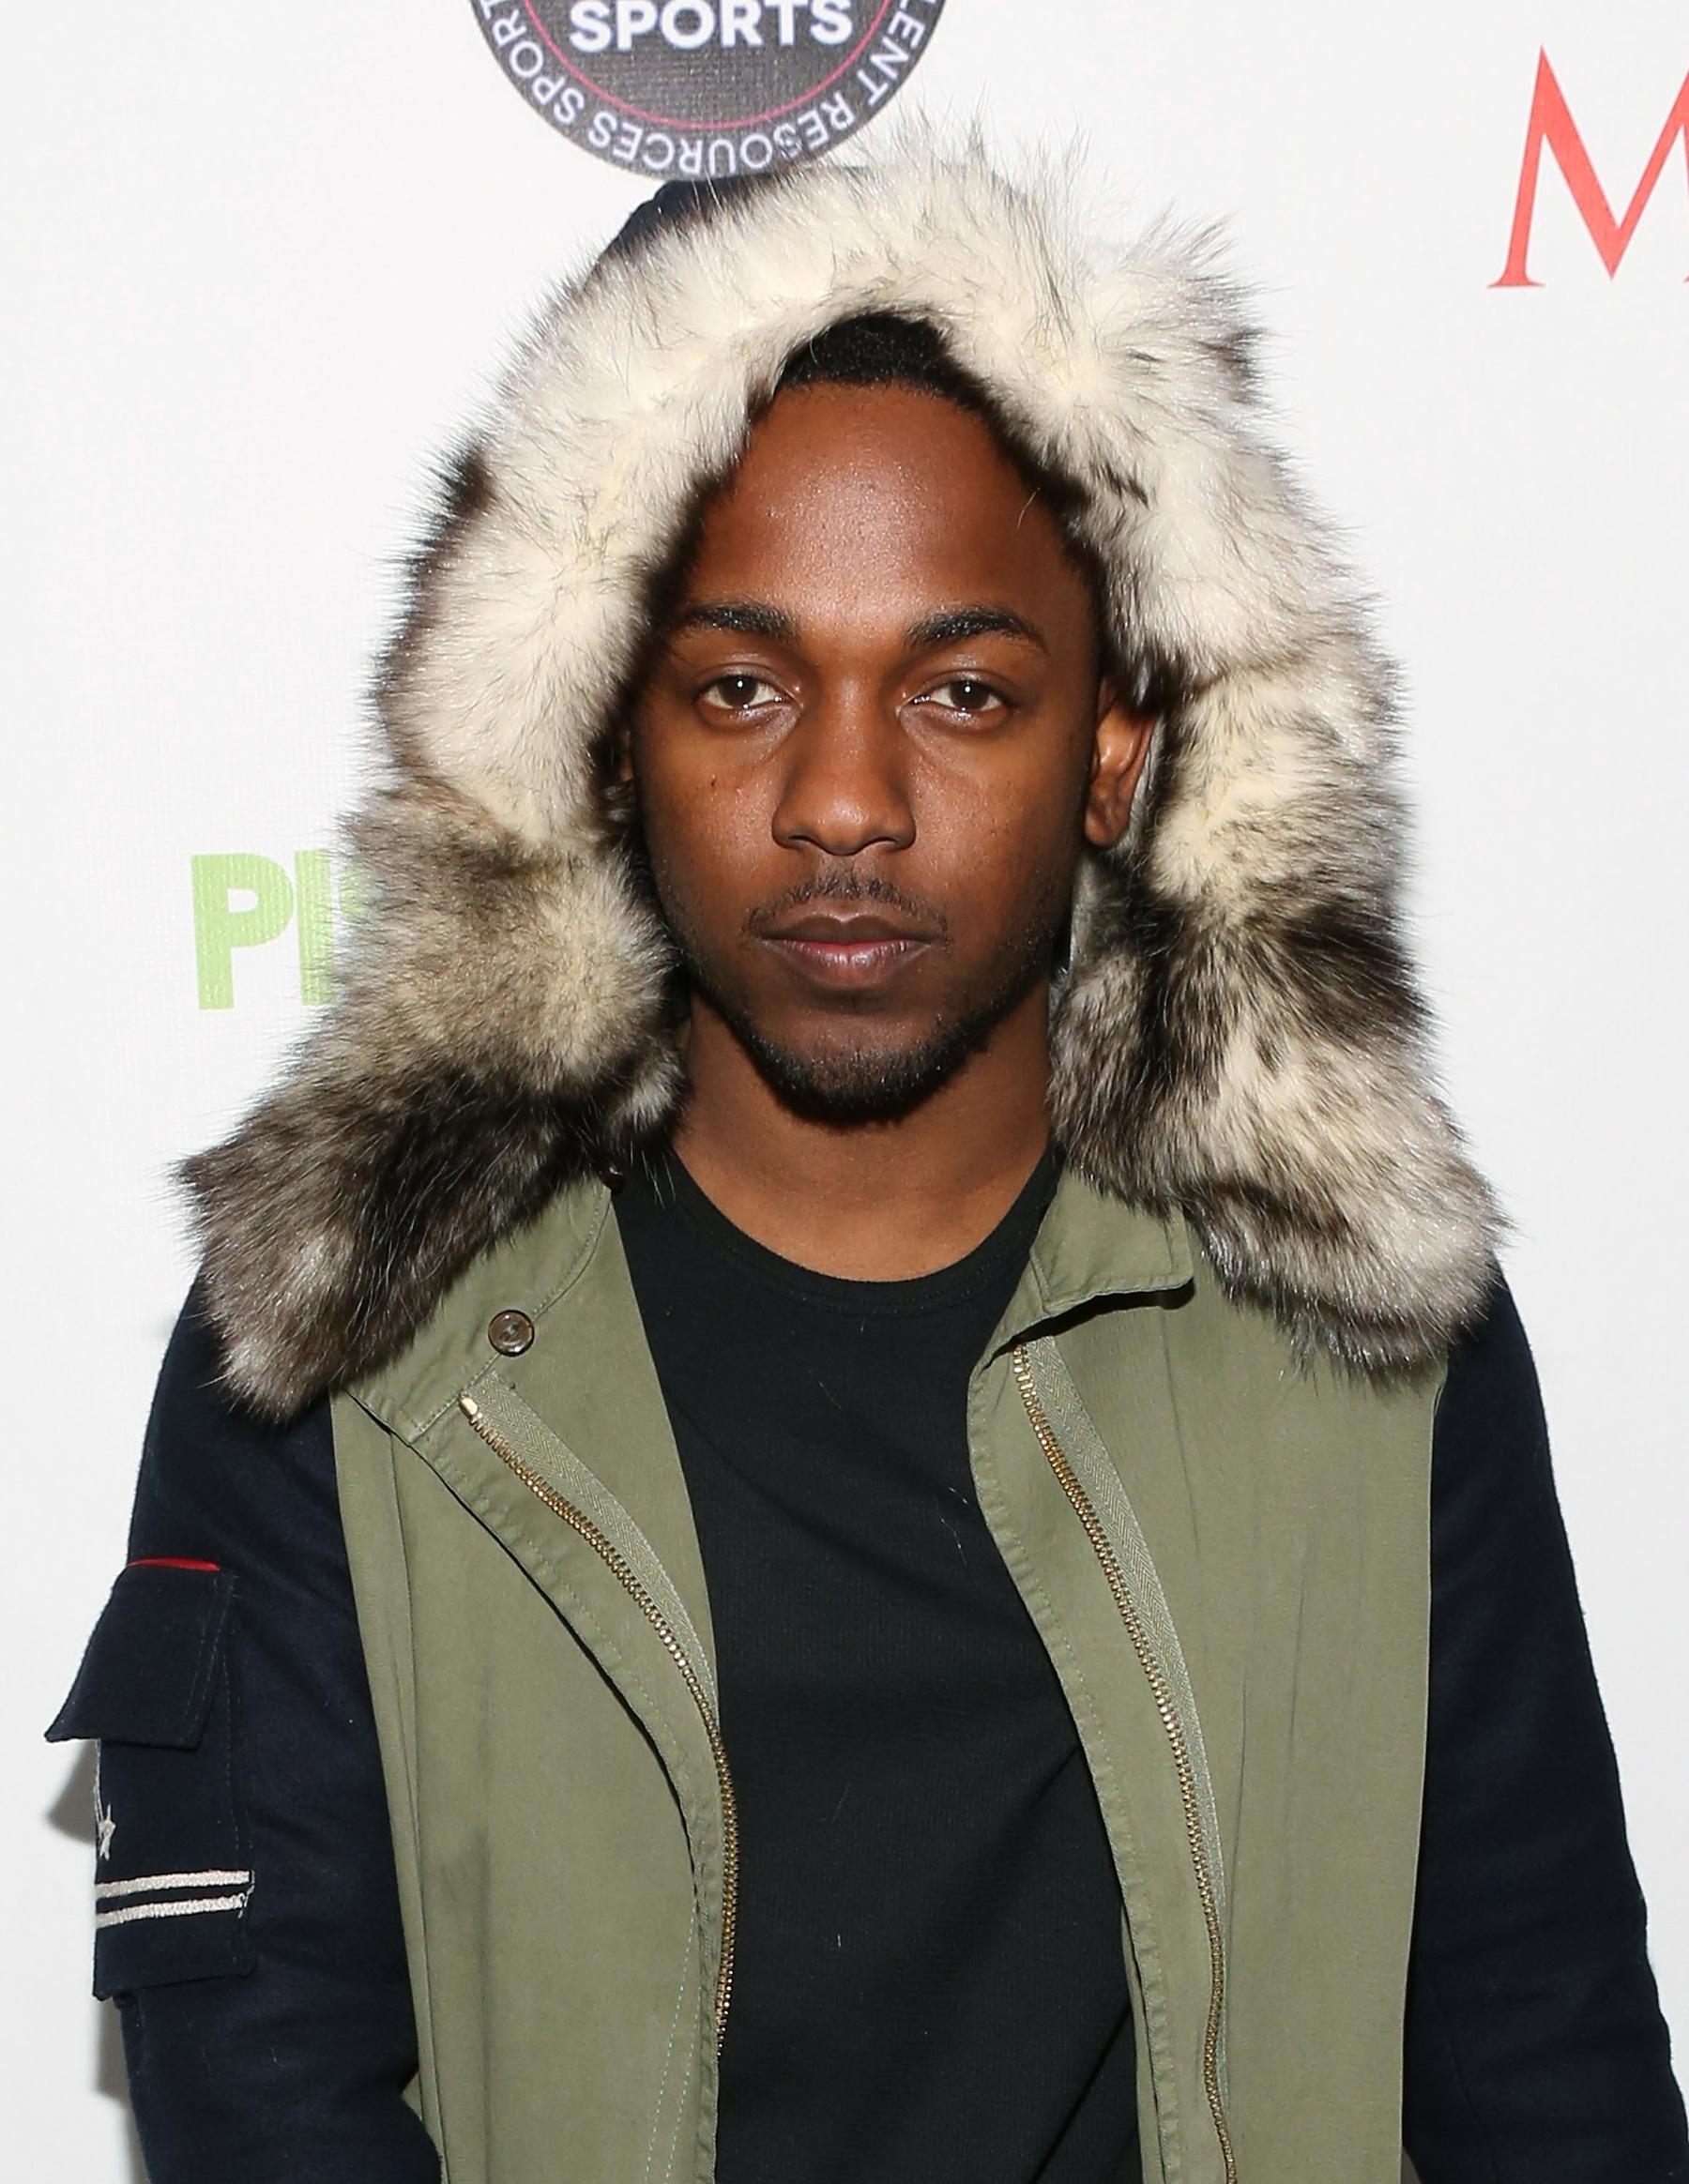 Kendrick Lamar Praises Macklemore's Apologetic Grammy Text